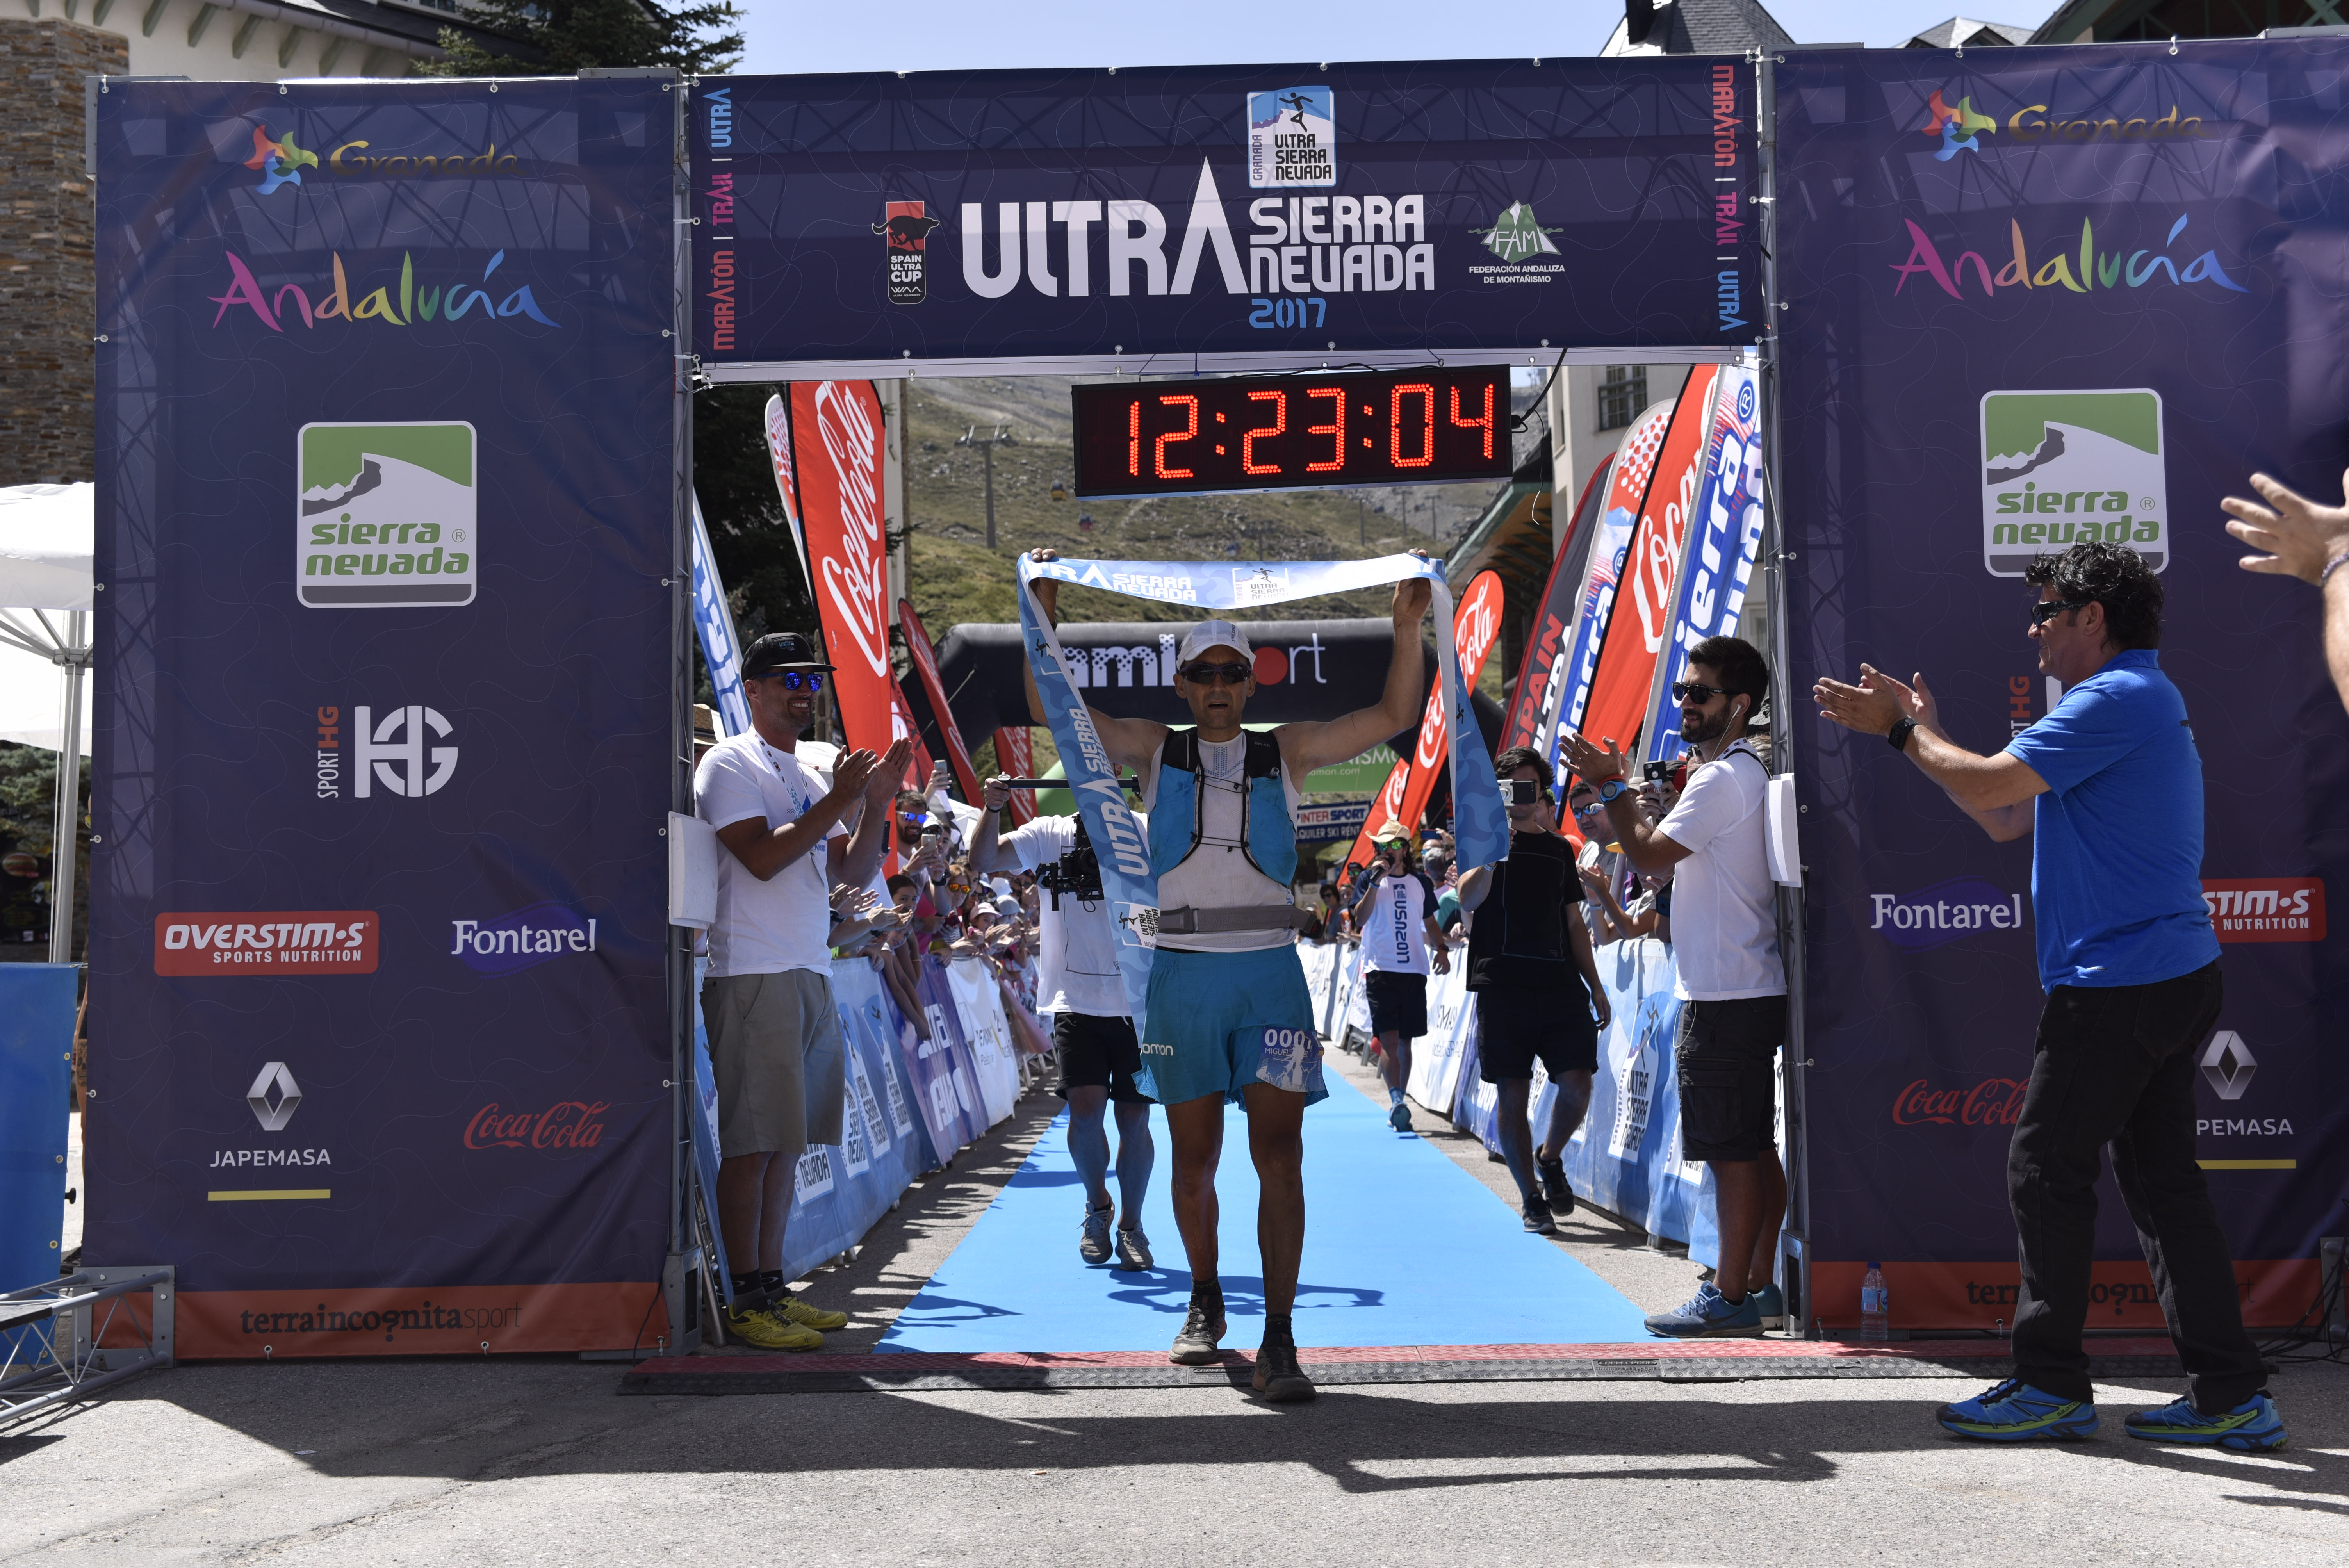 Miguel Heras cruza la meta de la Ultra Sierra Nevada 2017 en primer lugar